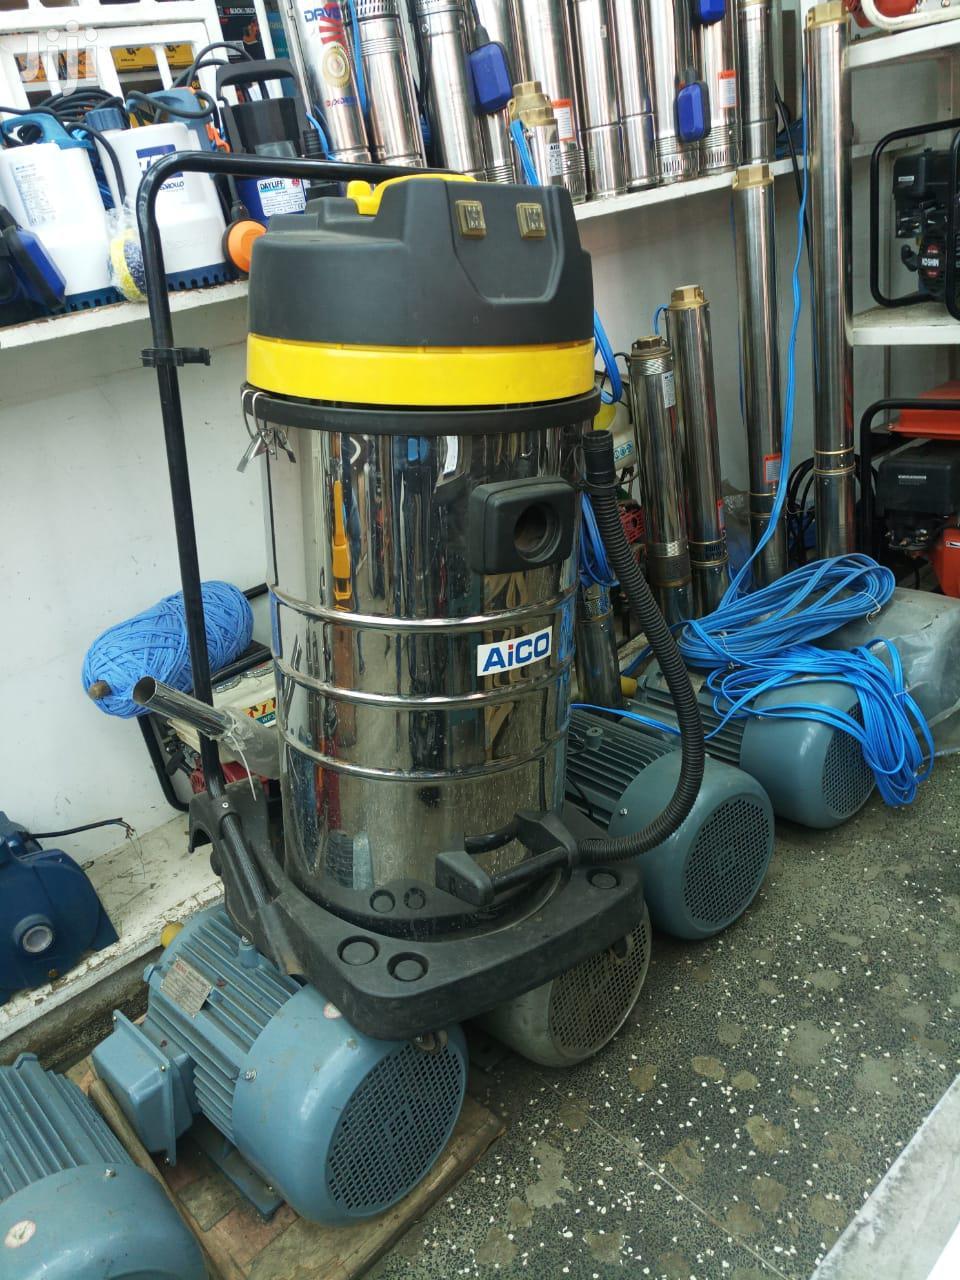 Aico Vacuum Cleaners